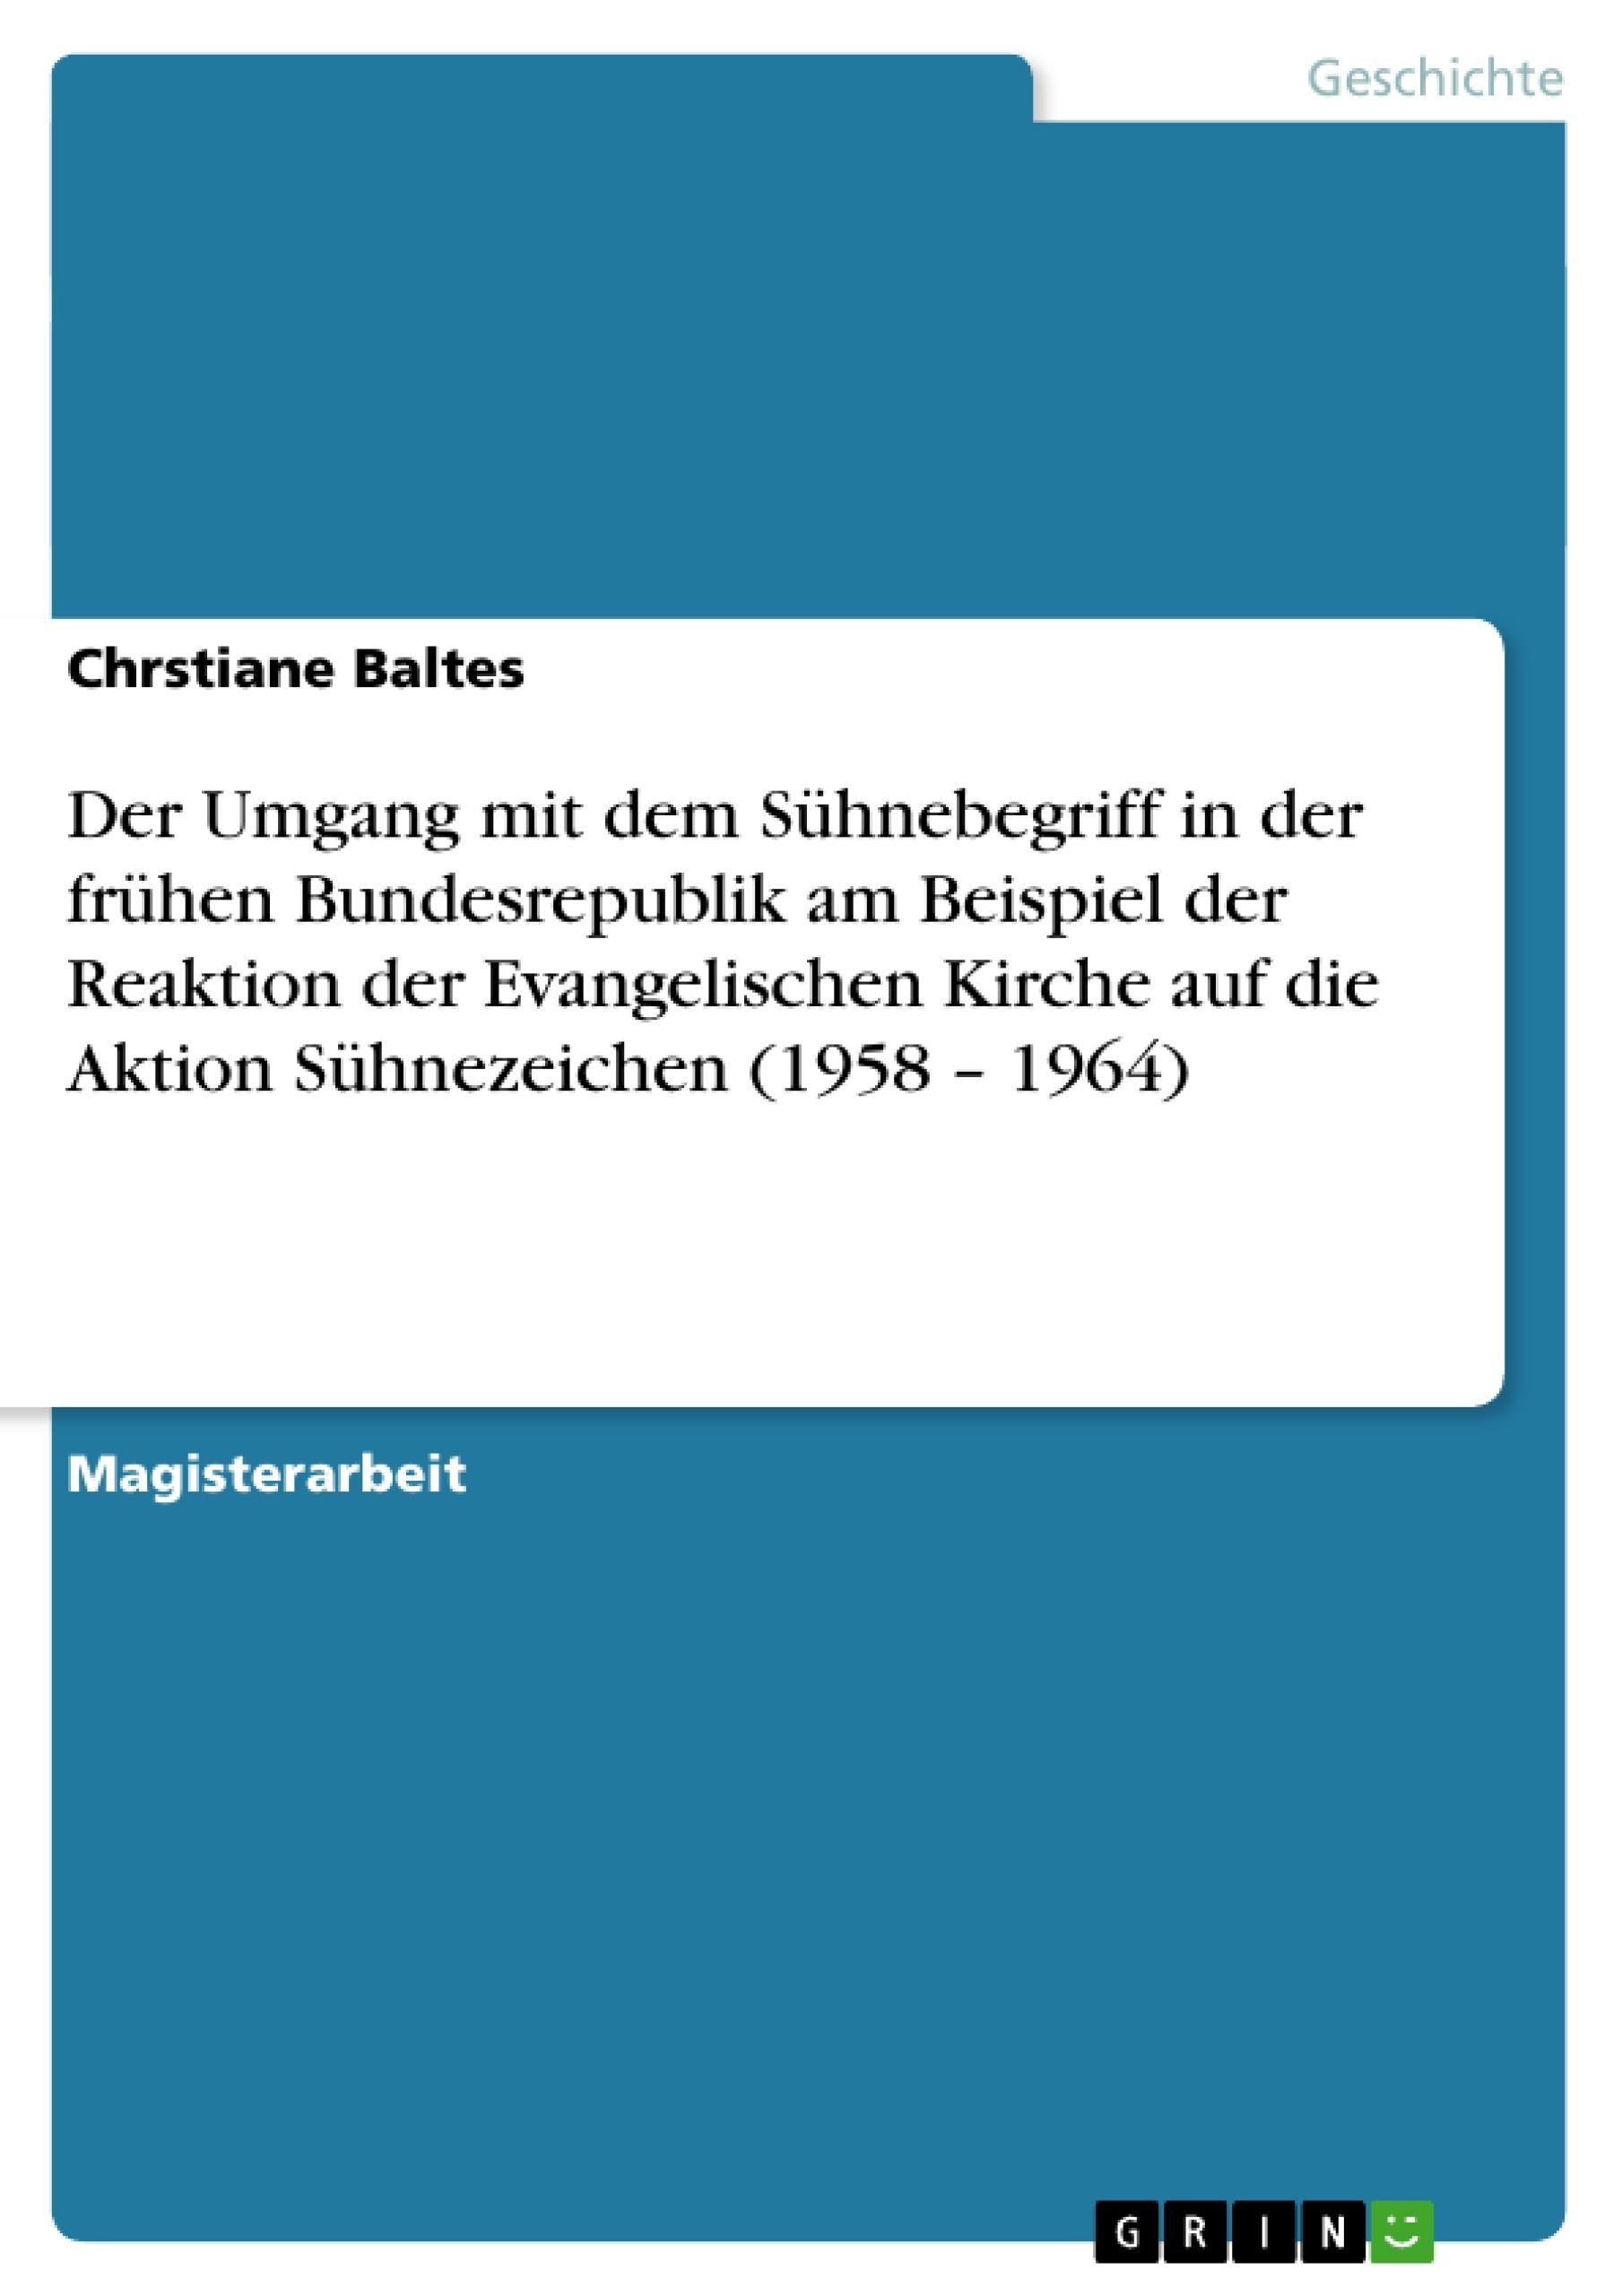 Titel: Der Umgang mit dem Sühnebegriff in der frühen Bundesrepublik am Beispiel der Reaktion der Evangelischen Kirche auf die Aktion Sühnezeichen (1958 – 1964)